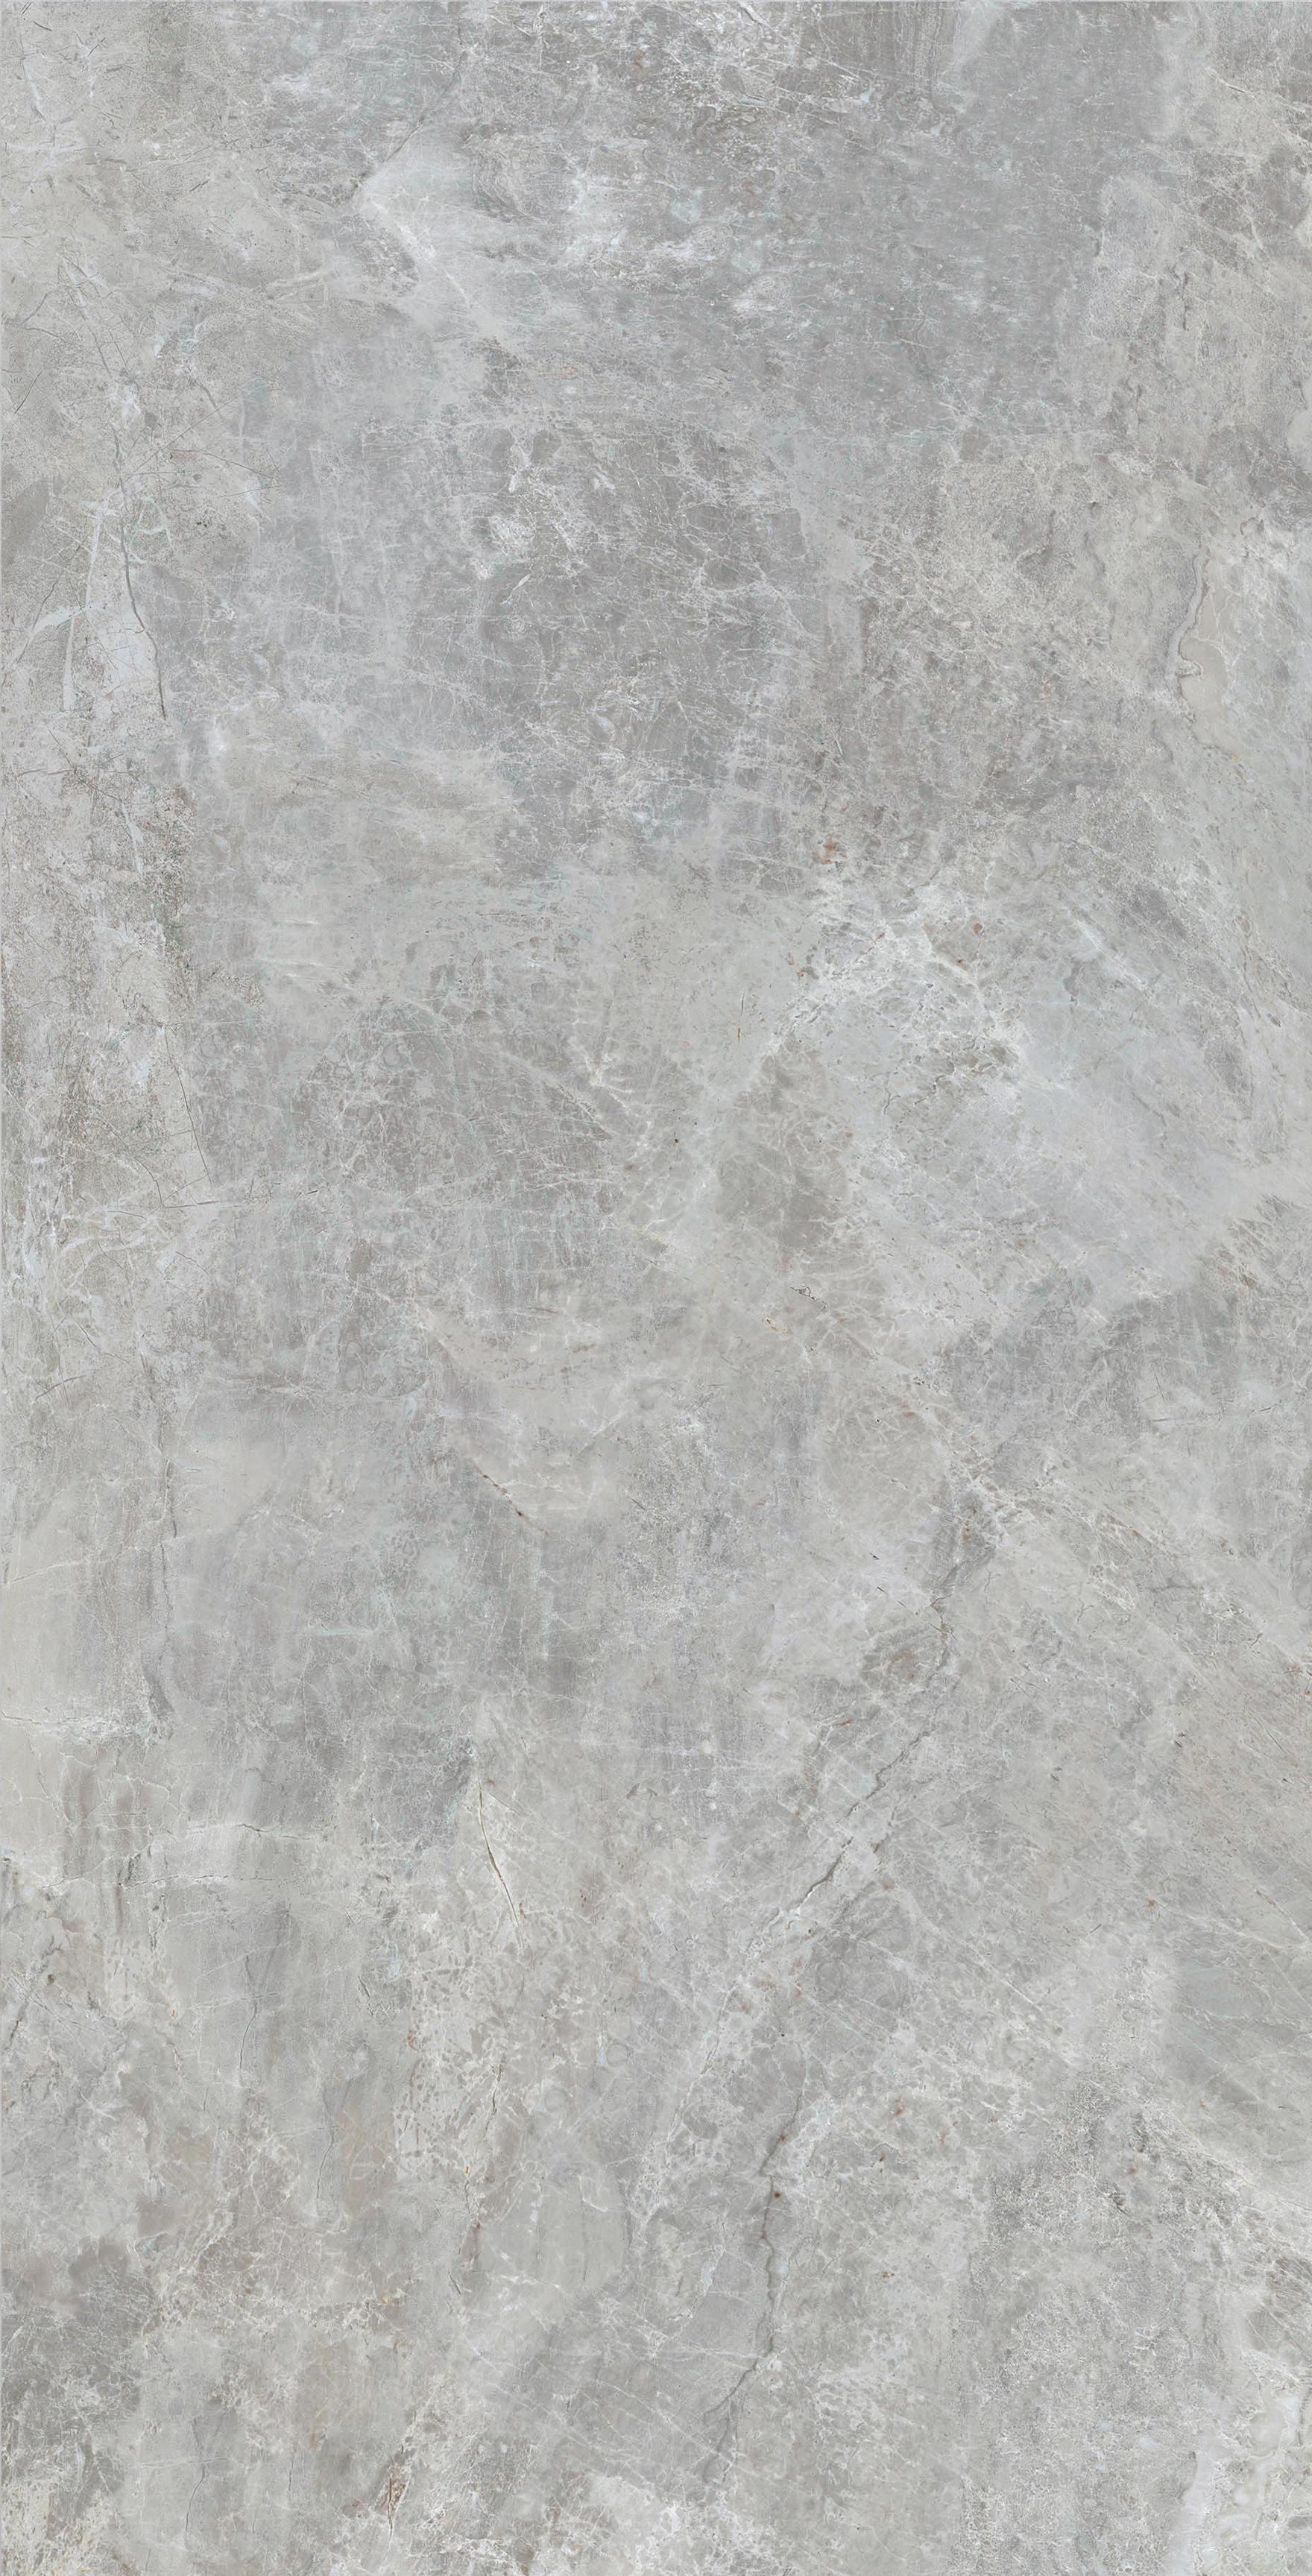 古堡灰HPGM157035,750x1500mm